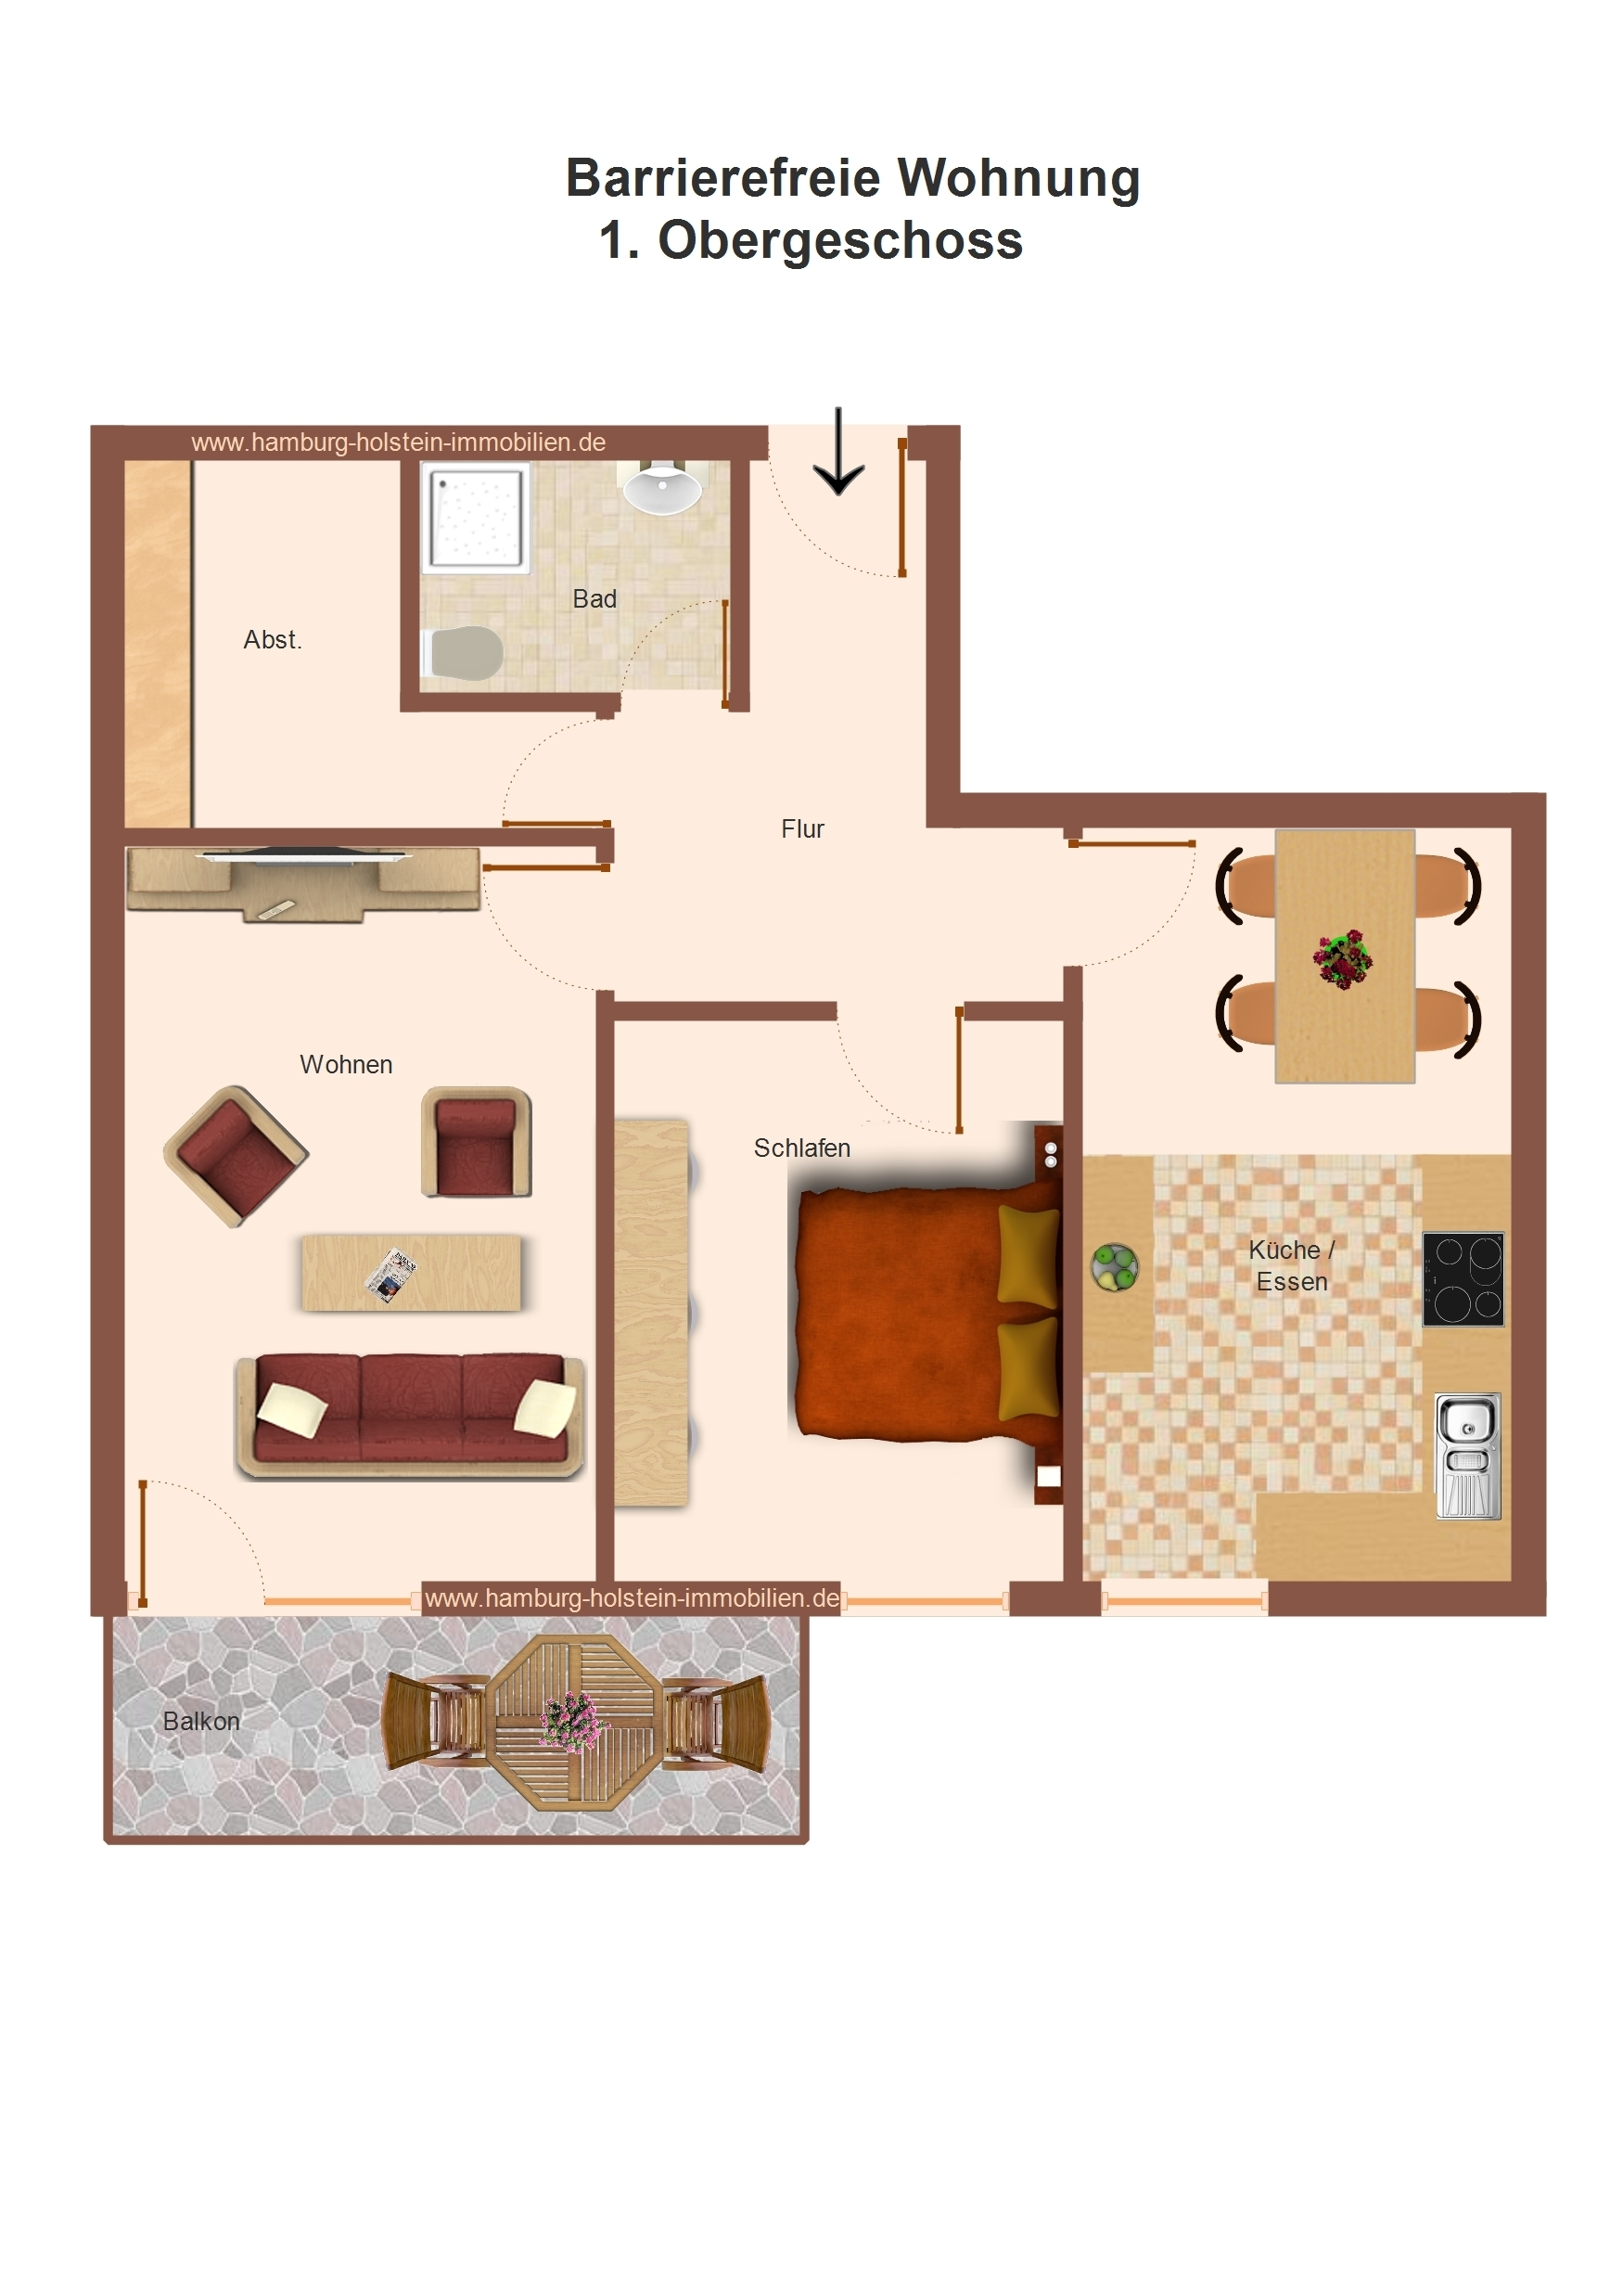 2017-04-21 Barrierefreie Wohnung